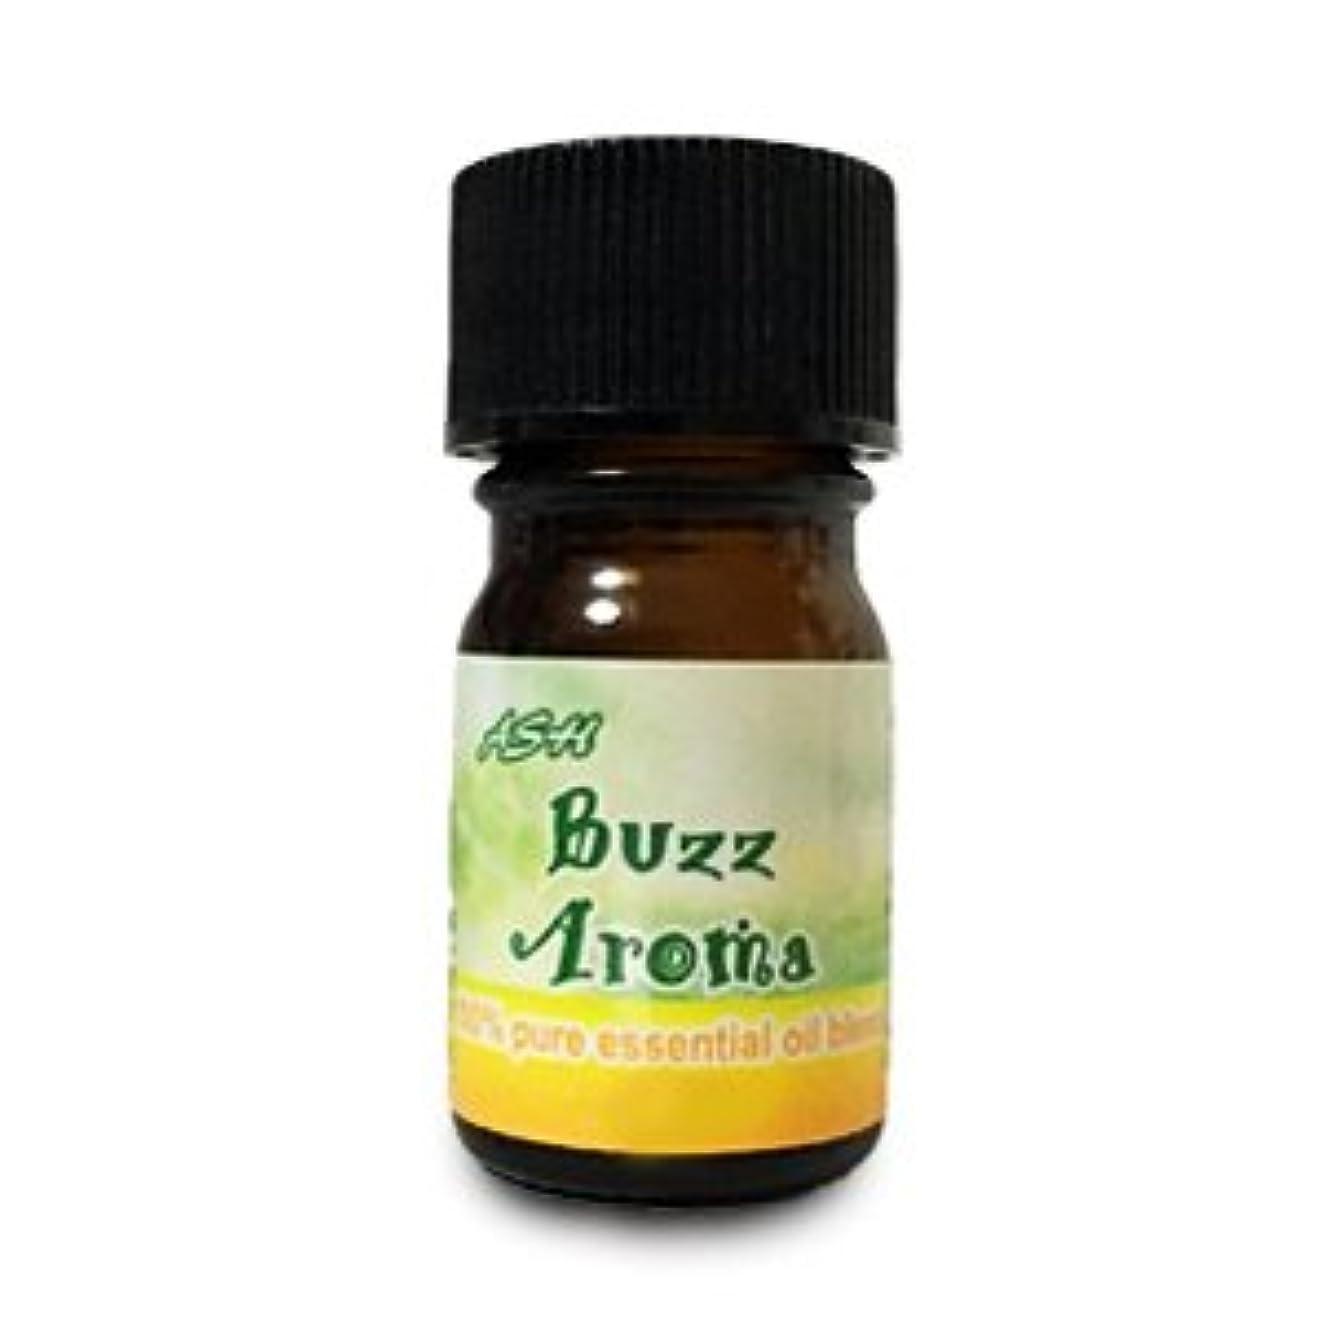 歯痛悪化させる最終ASH Buzz Aroma(アンチモスキート) エッセンシャルオイルブレンド5ml 虫除け対策 (真正ラベンダー レモングラス ティートゥリー ユーカリ)